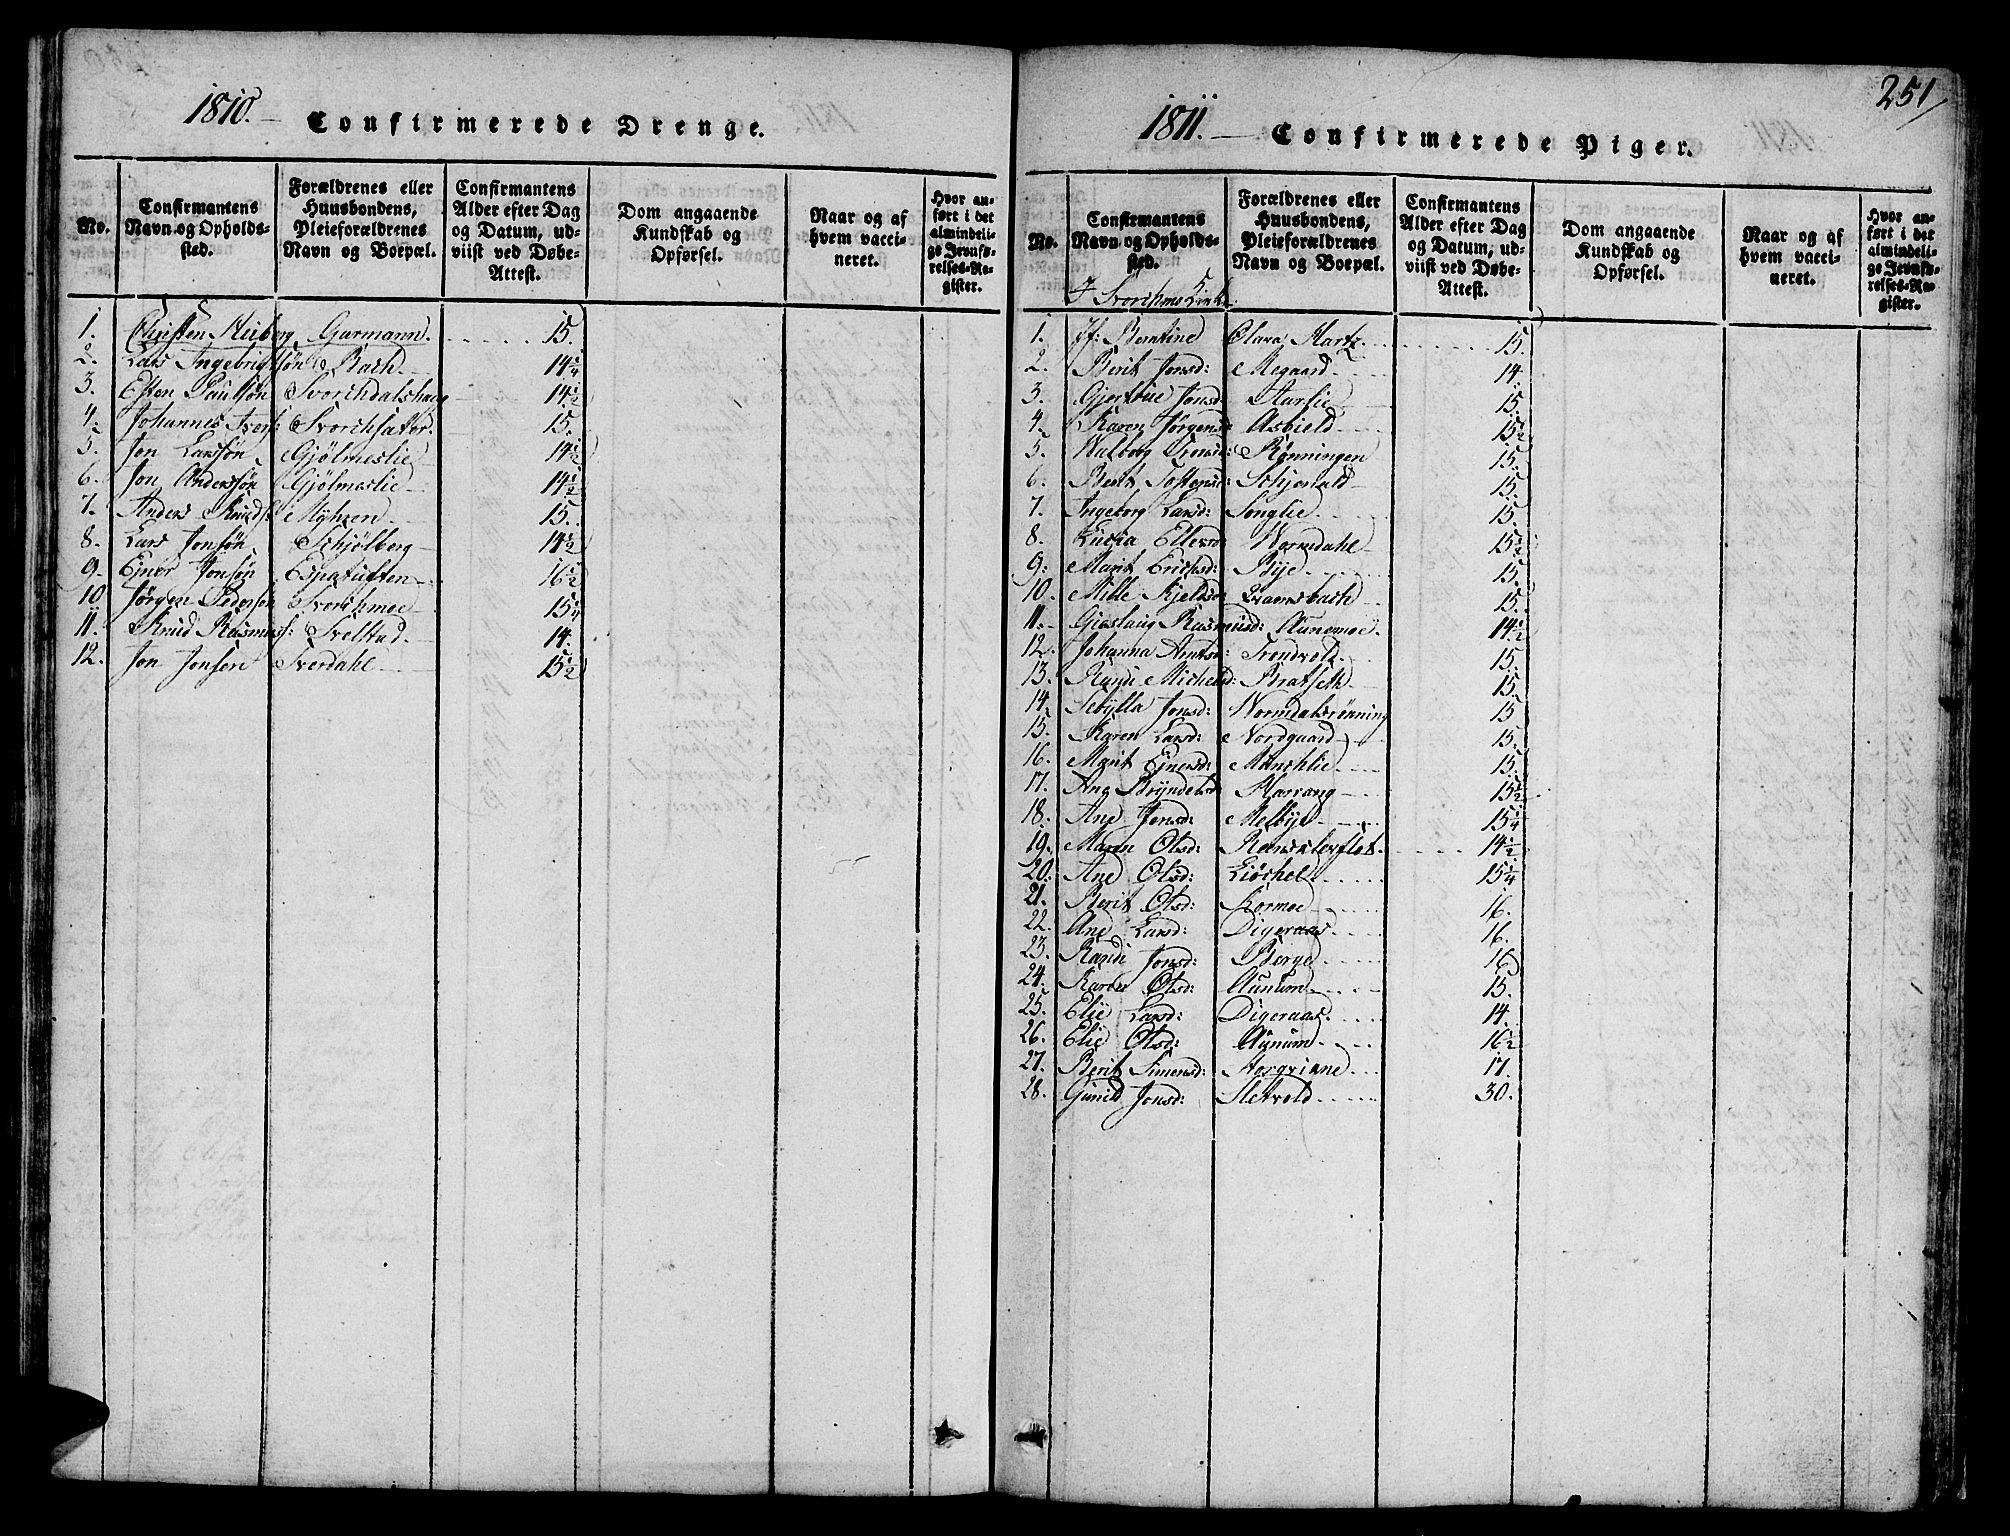 SAT, Ministerialprotokoller, klokkerbøker og fødselsregistre - Sør-Trøndelag, 668/L0803: Ministerialbok nr. 668A03, 1800-1826, s. 251